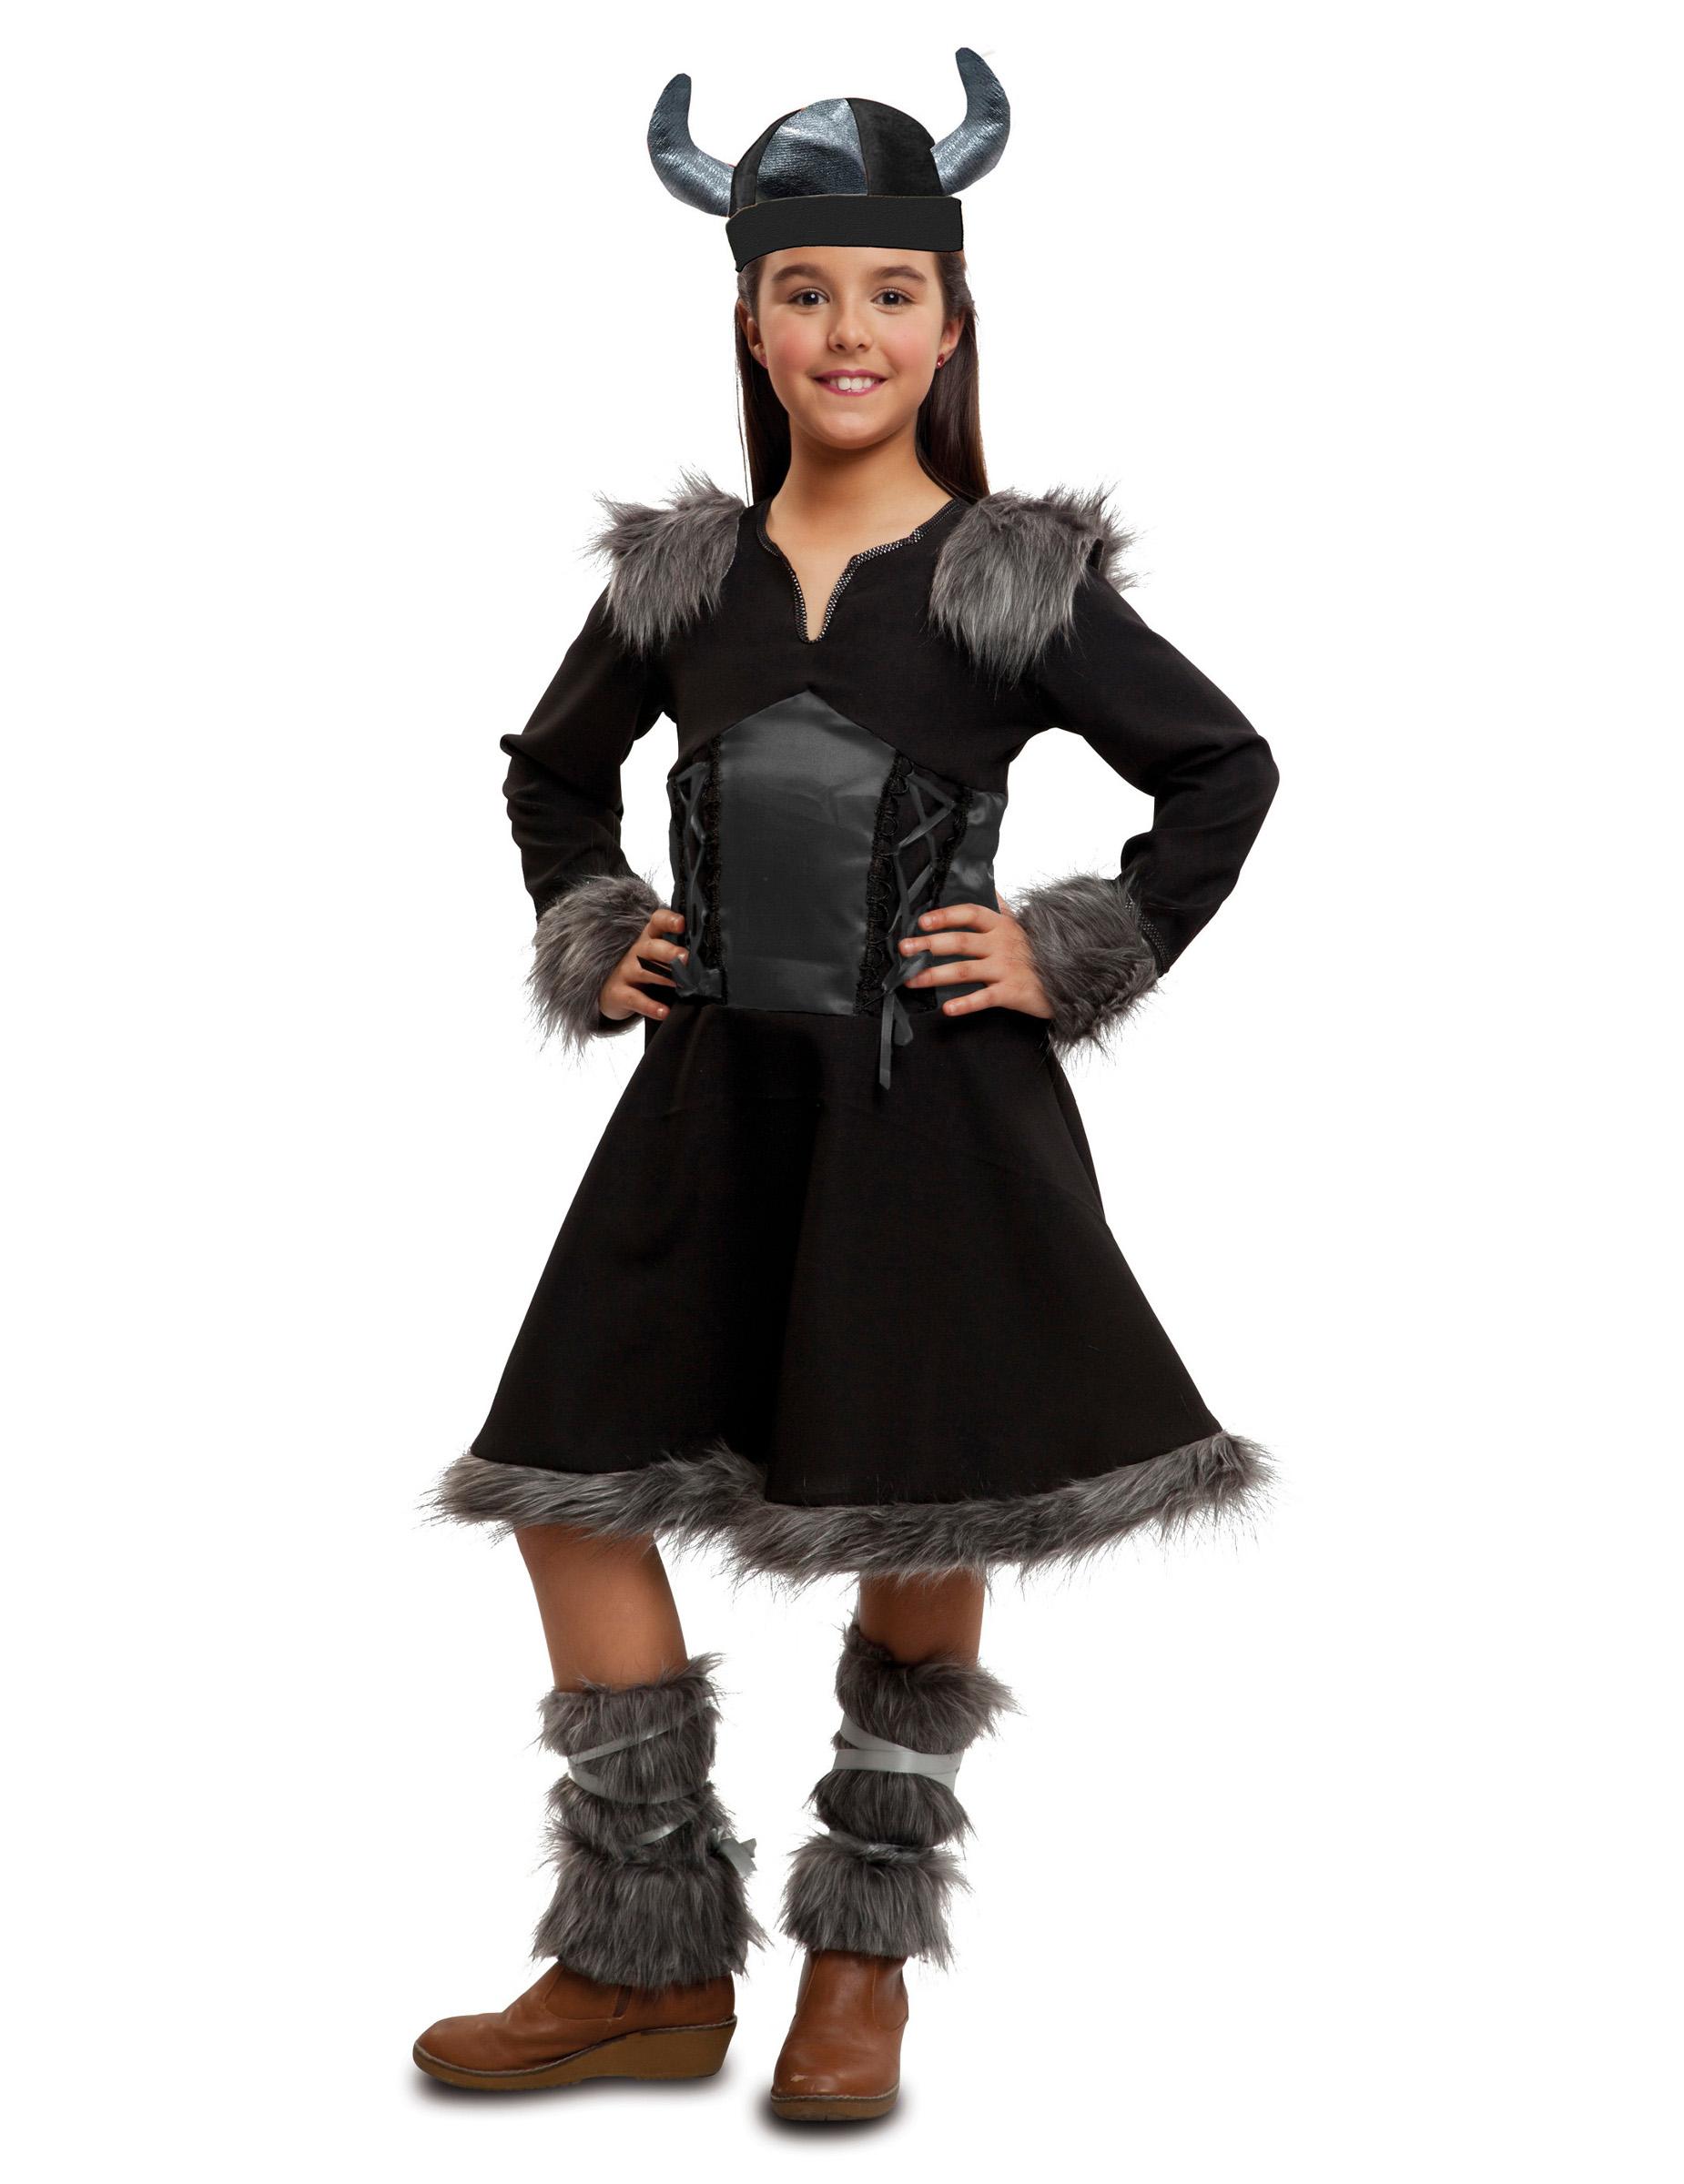 d guisement viking noire fille deguise toi achat de d guisements enfants. Black Bedroom Furniture Sets. Home Design Ideas